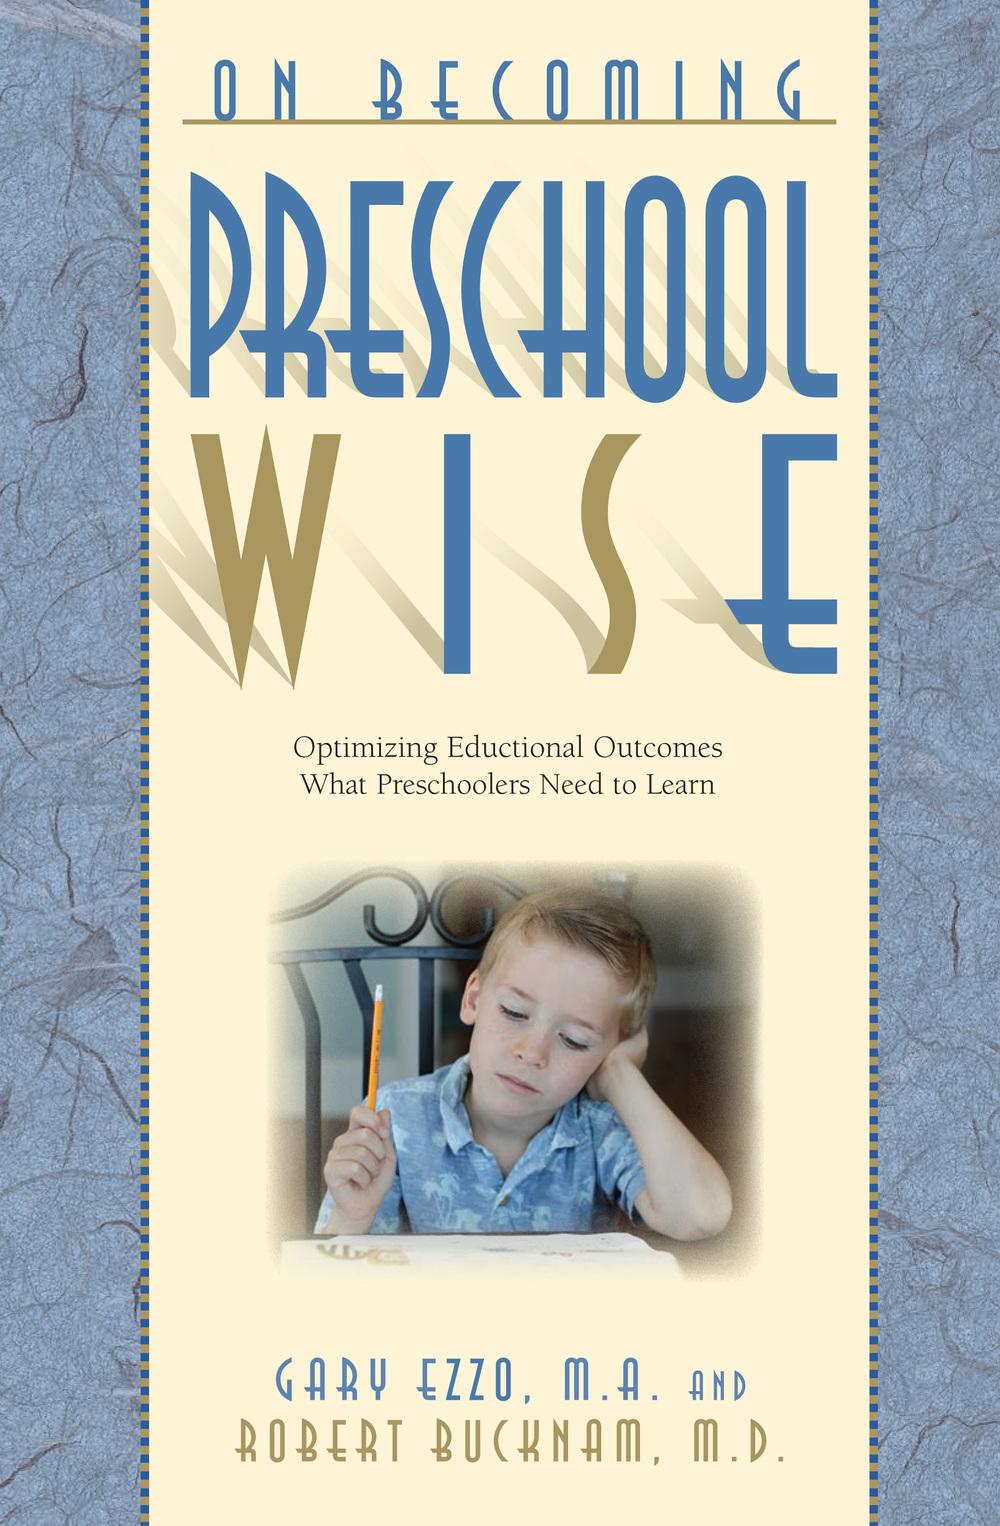 Preschoolwise Cover.jpg